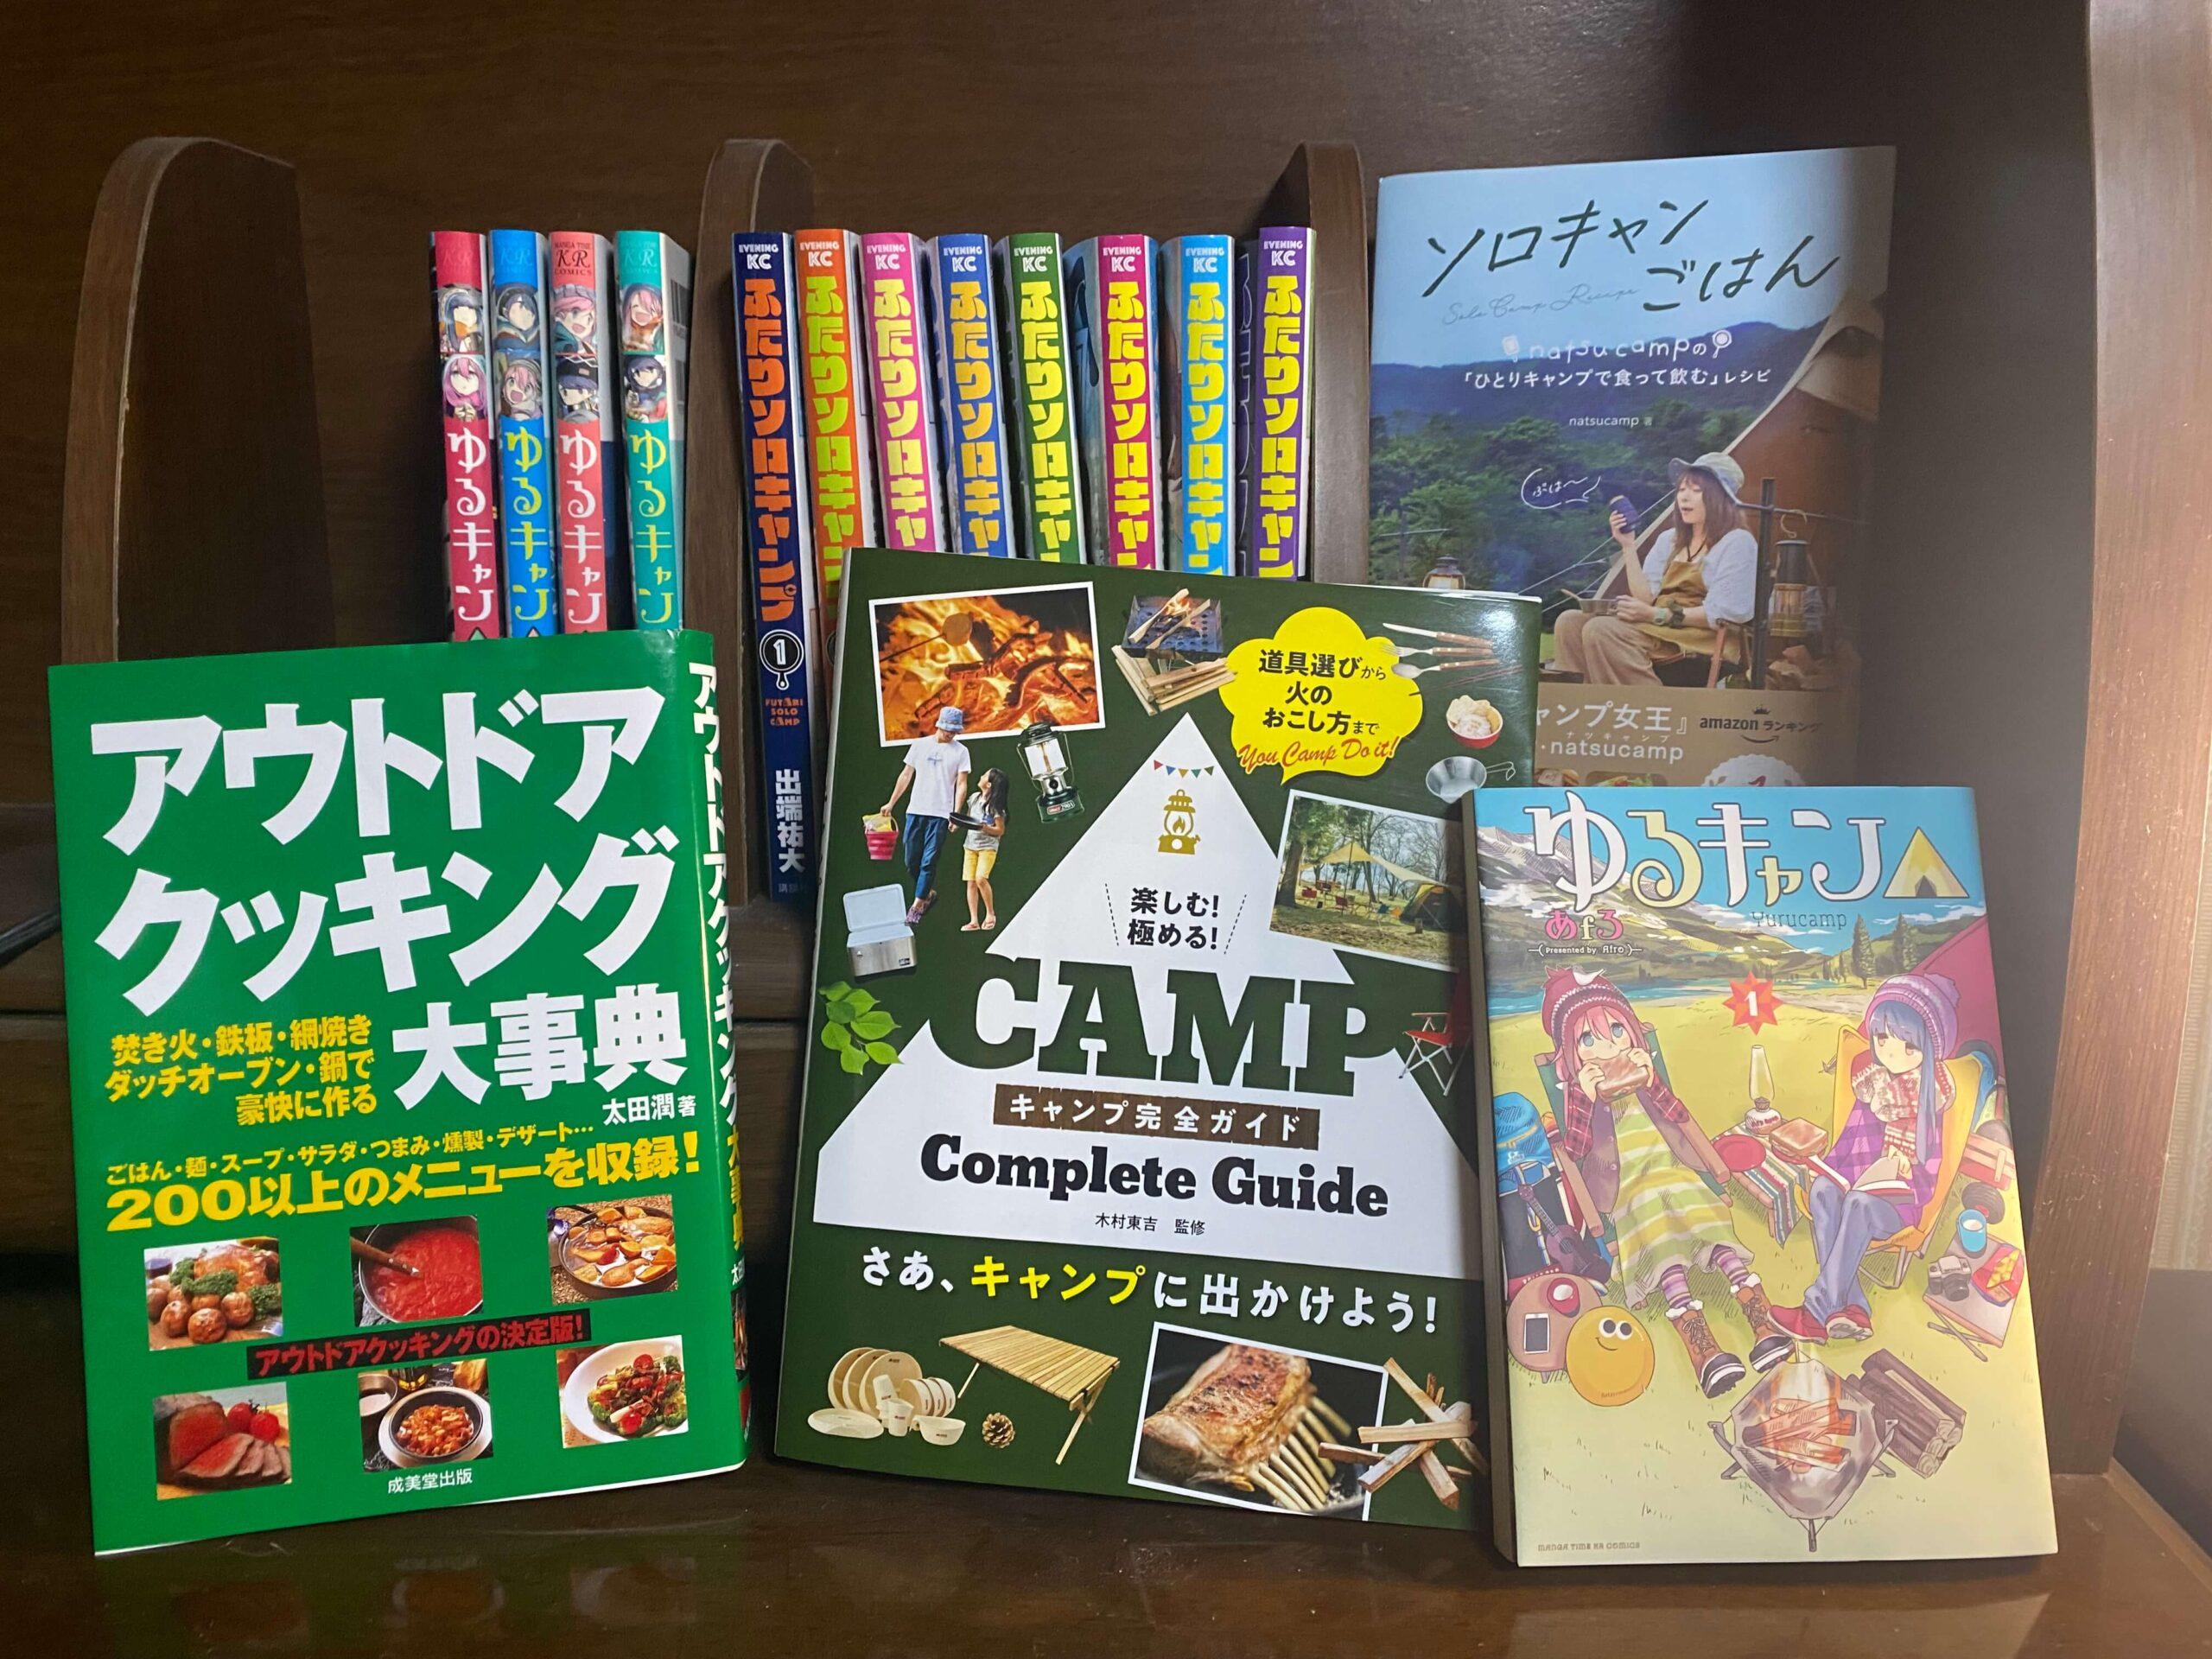 【読んで学ぶ】初心者におすすめのキャンプ本まとめ